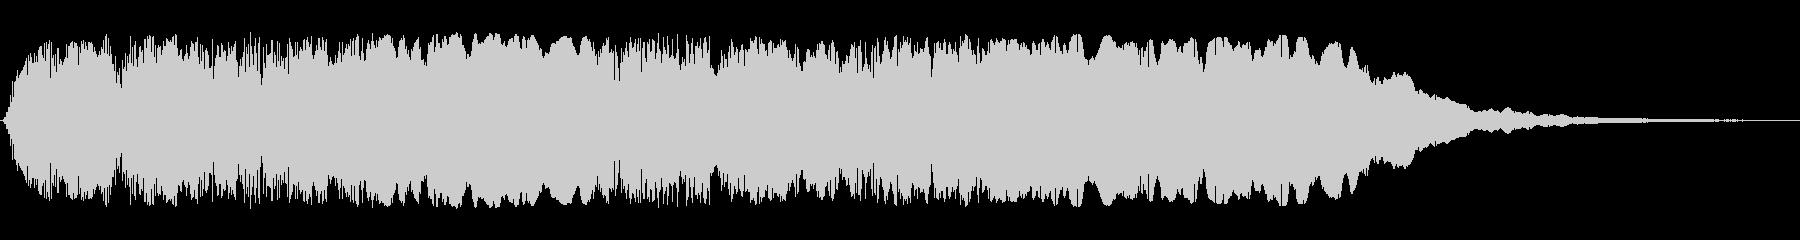 タタタタンタンターンという効果音の未再生の波形